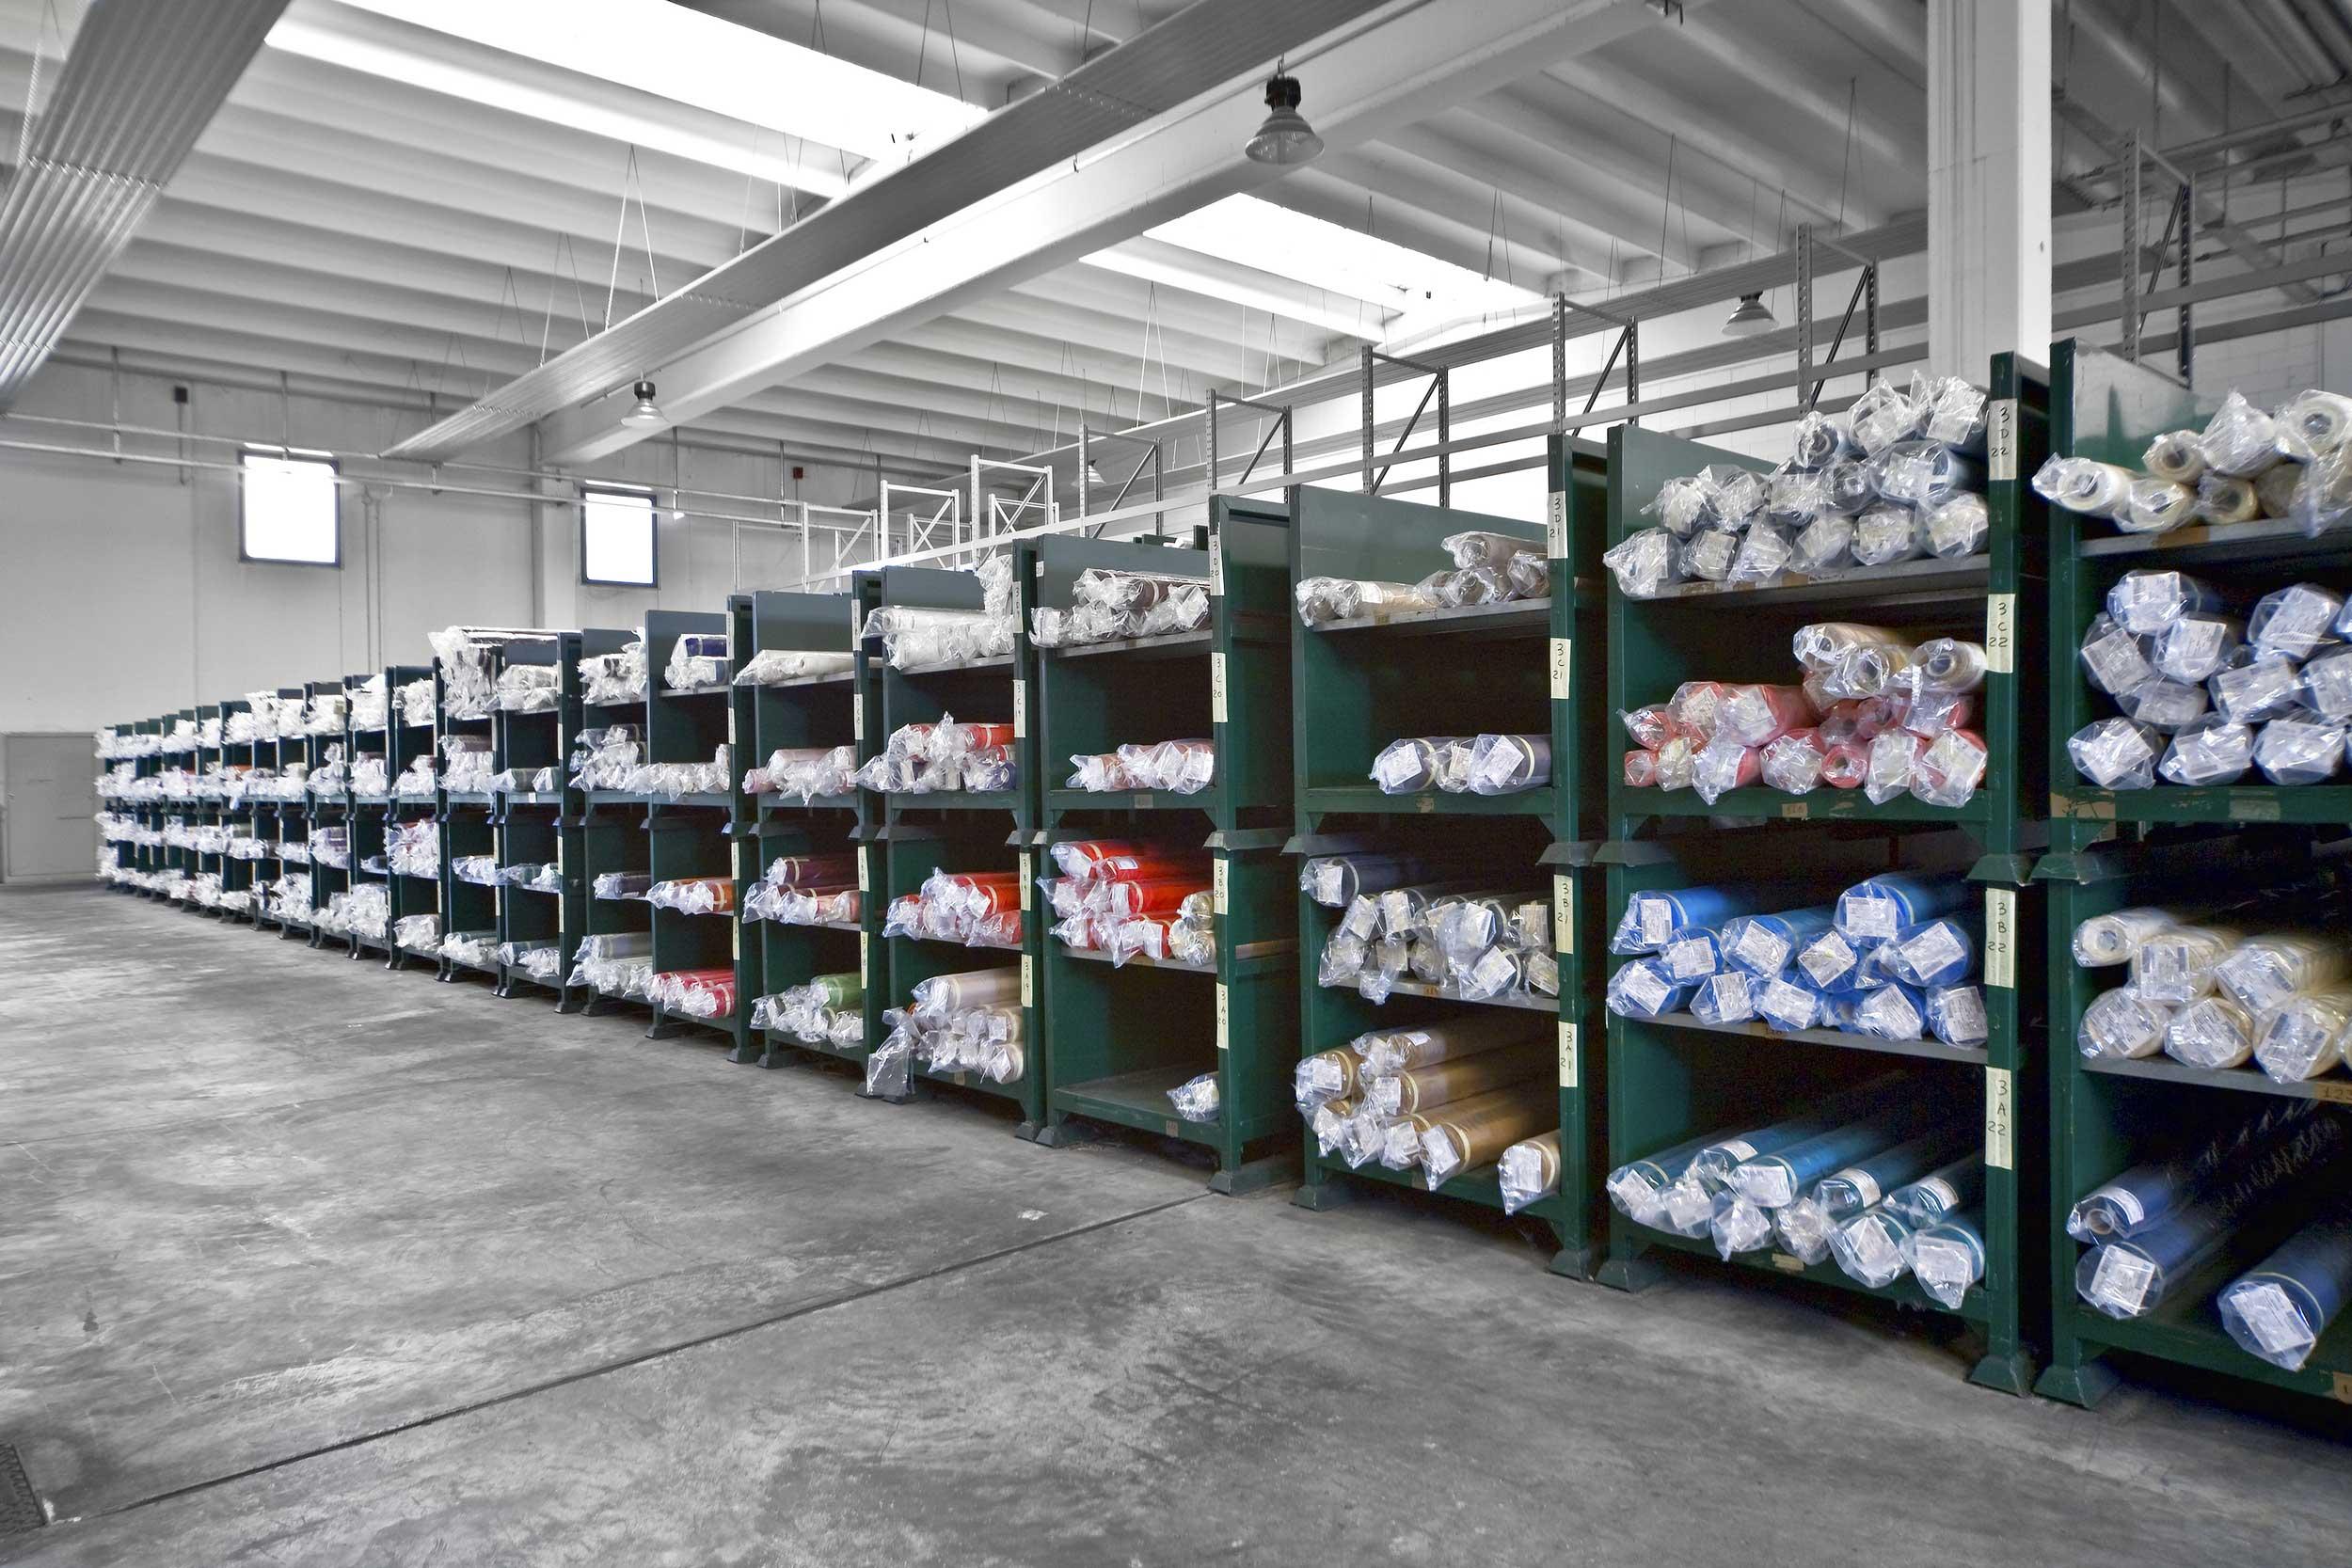 I contenitori box paretali portatubi Samit sono adatti allo stoccaggio e alla movimentazione di particolare di ogni genere.